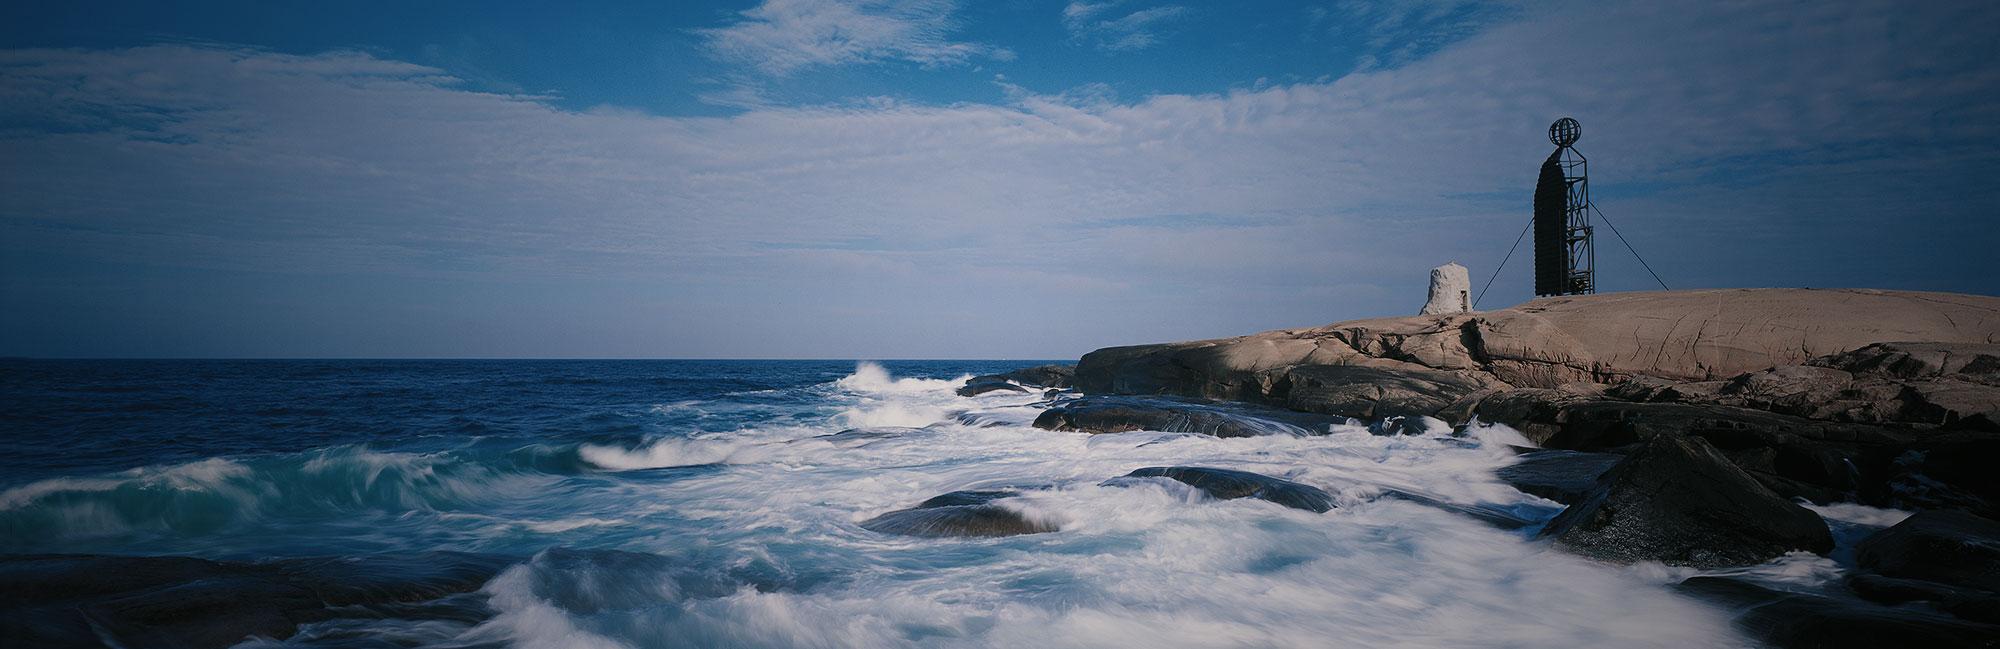 havet-bovalls dørbyggeri